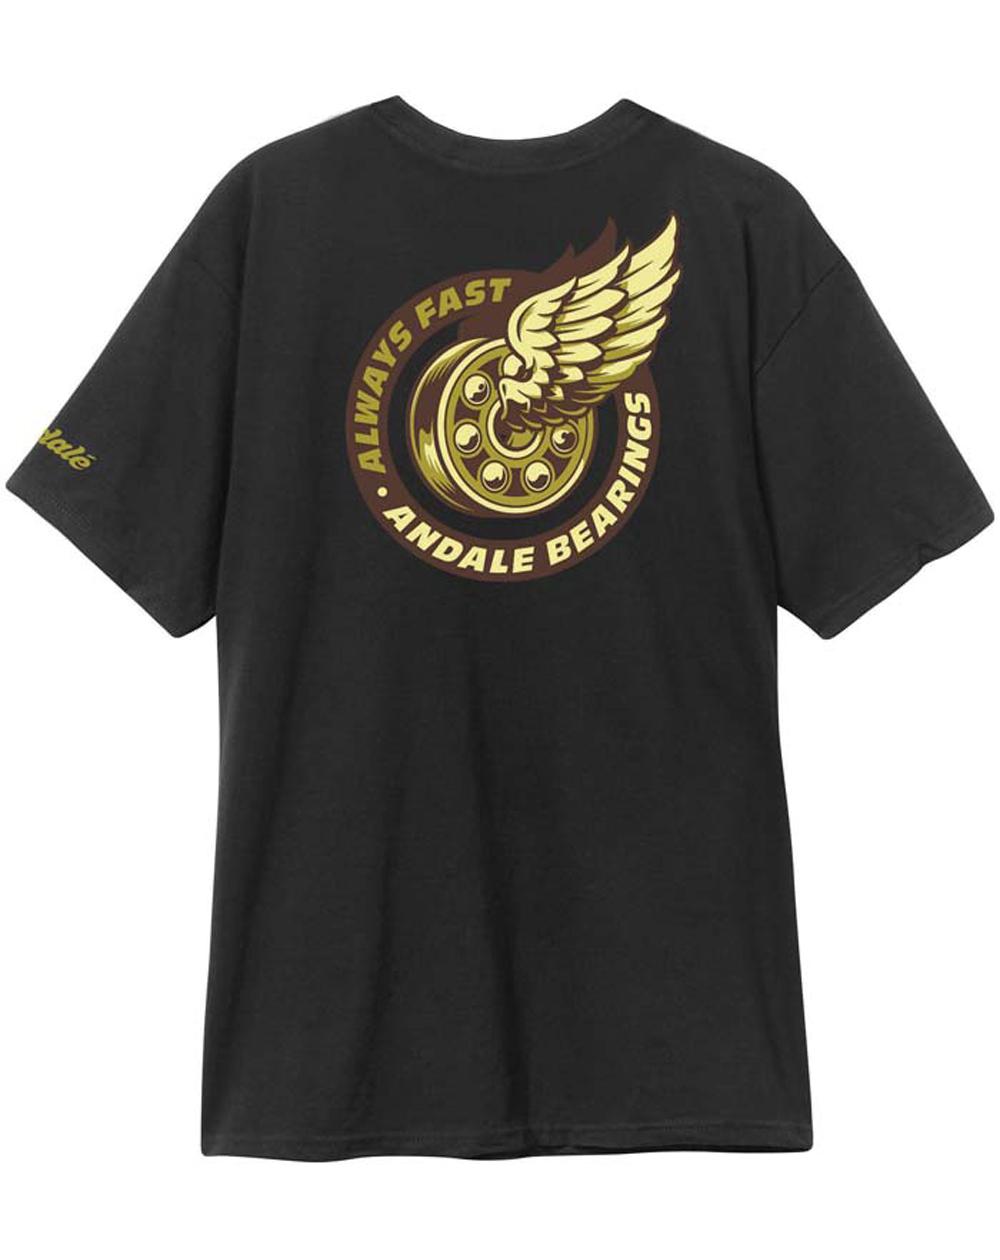 Andalé Excel Premium Camiseta para Homem Black